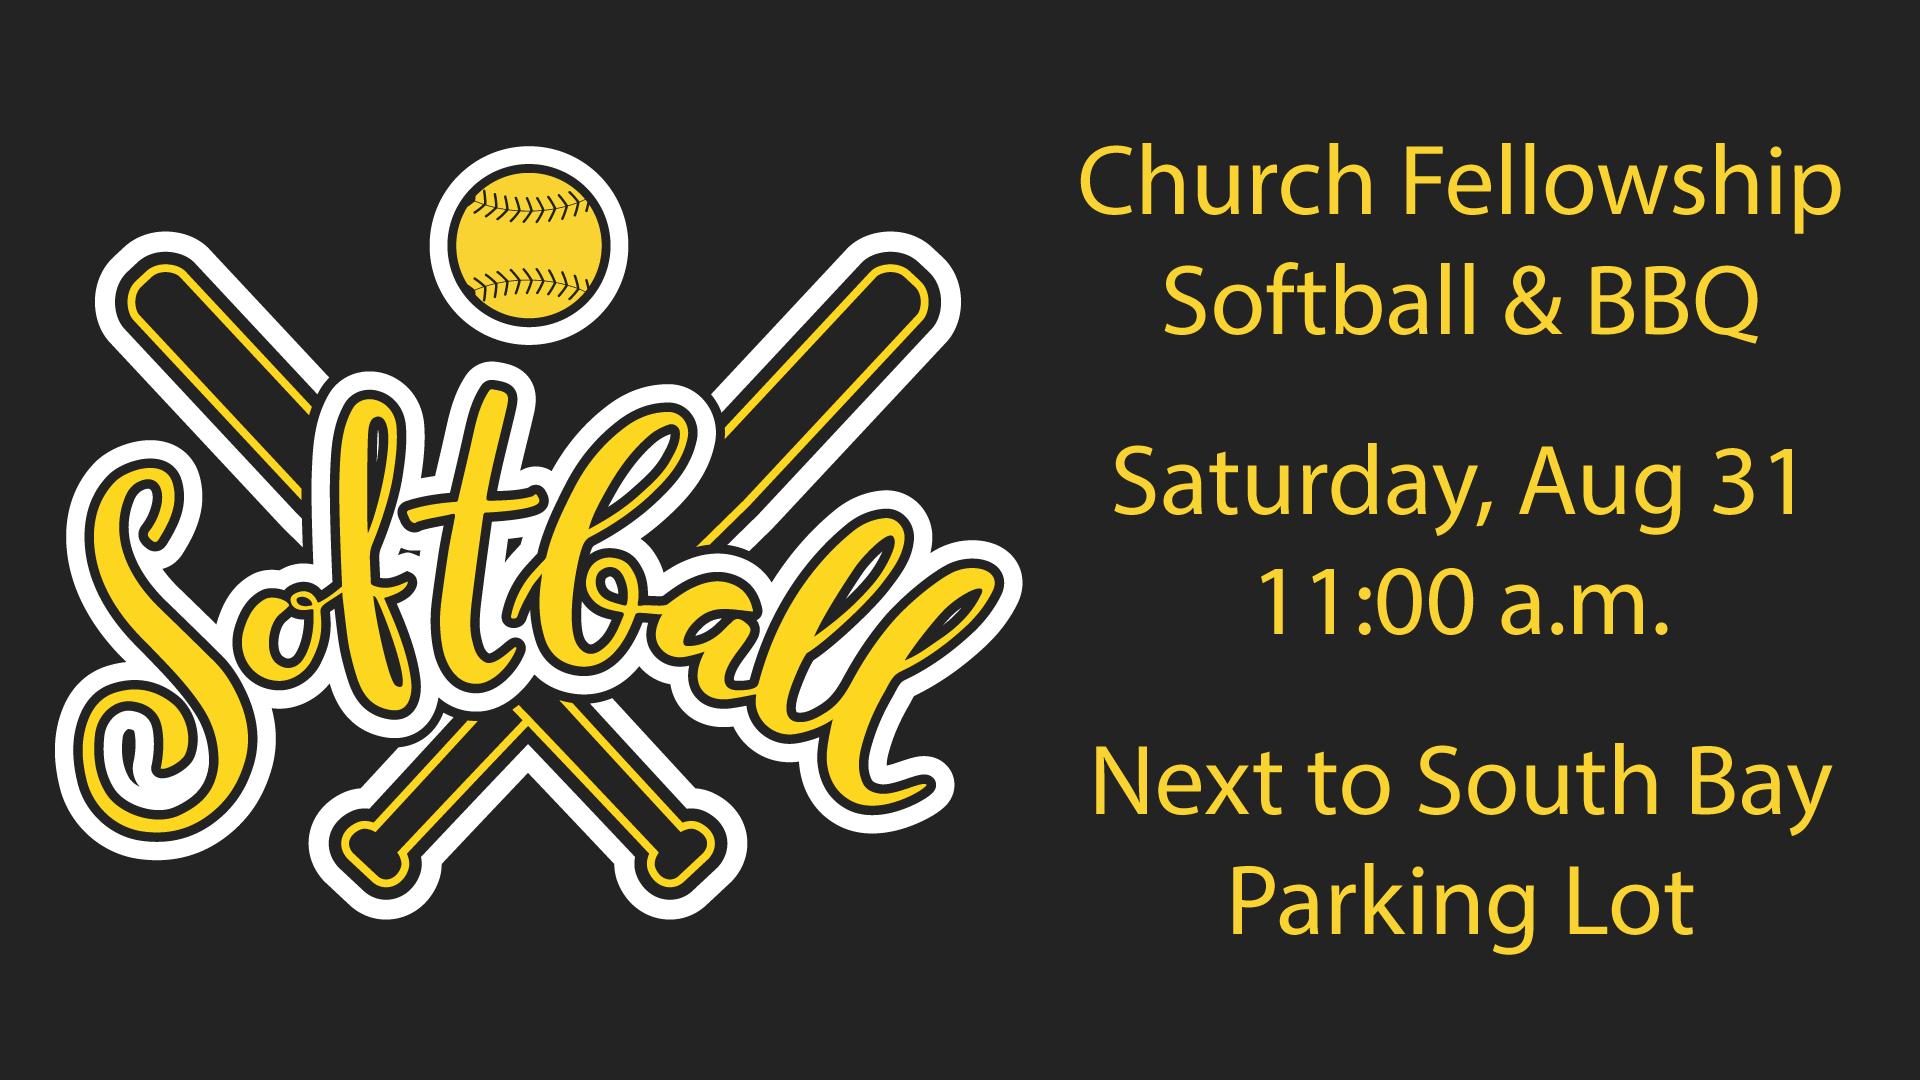 Church Fellowship Softball & BBQ